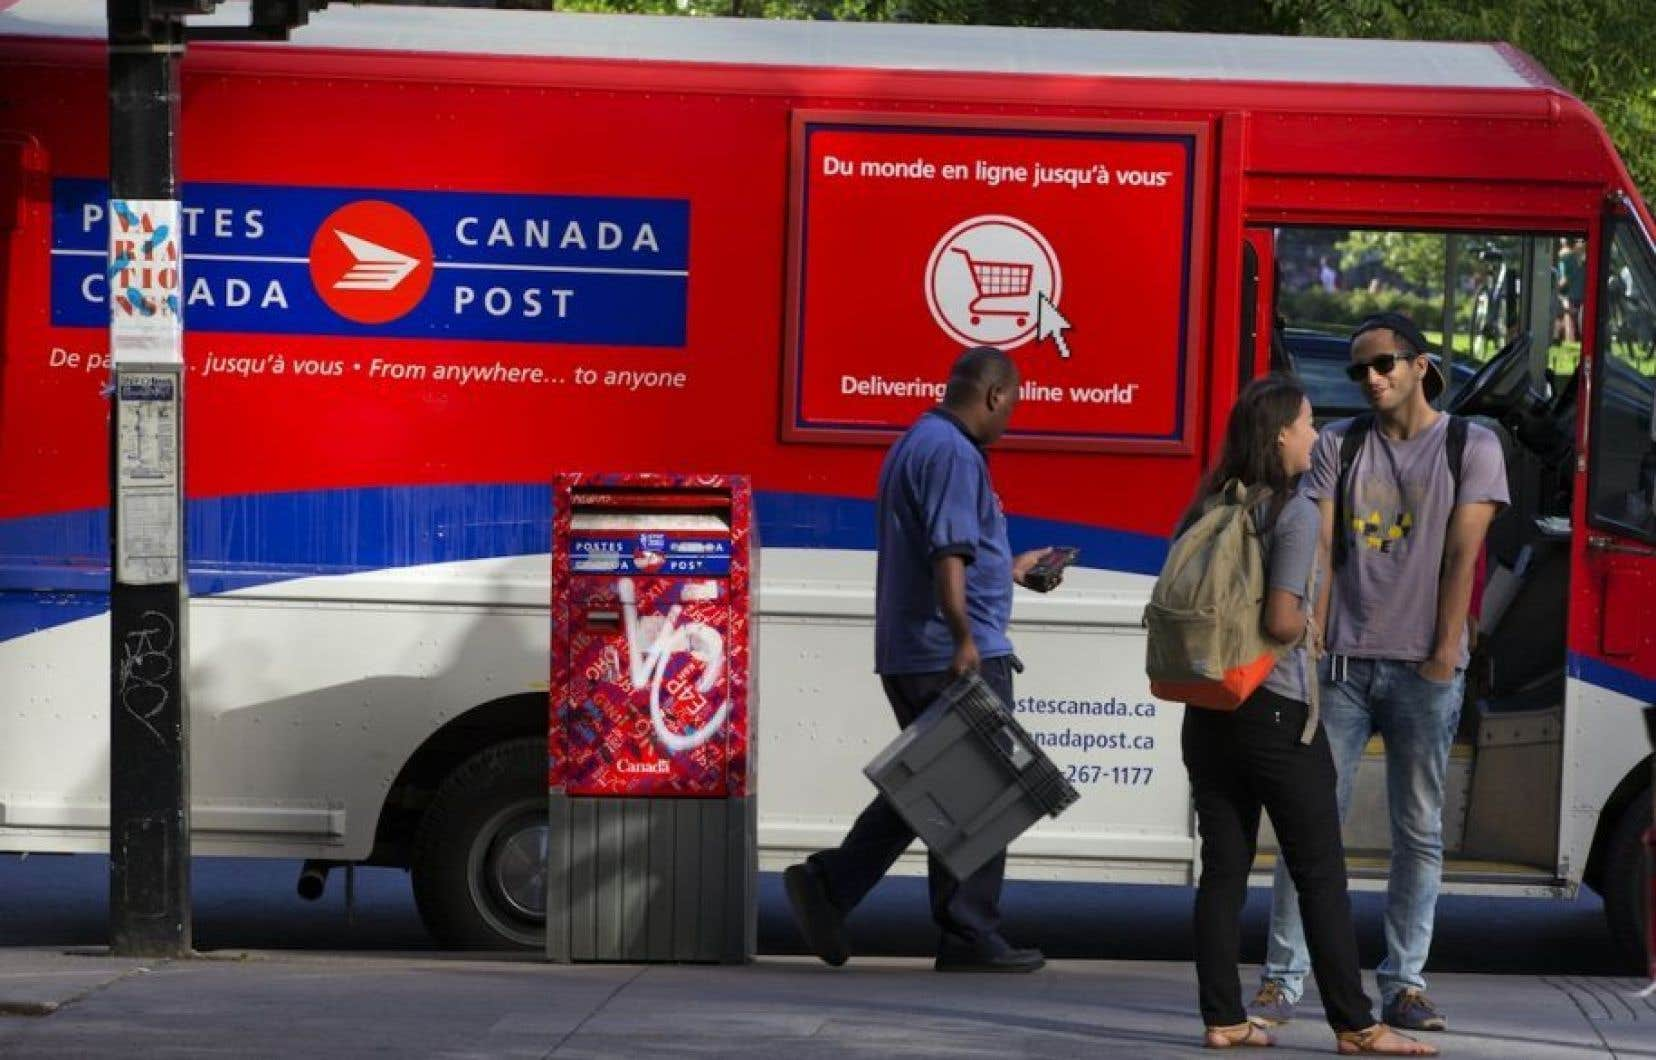 Postes Canada dit avoir constaté une baisse importante de la quantité de courrier traitée ces derniers jours.